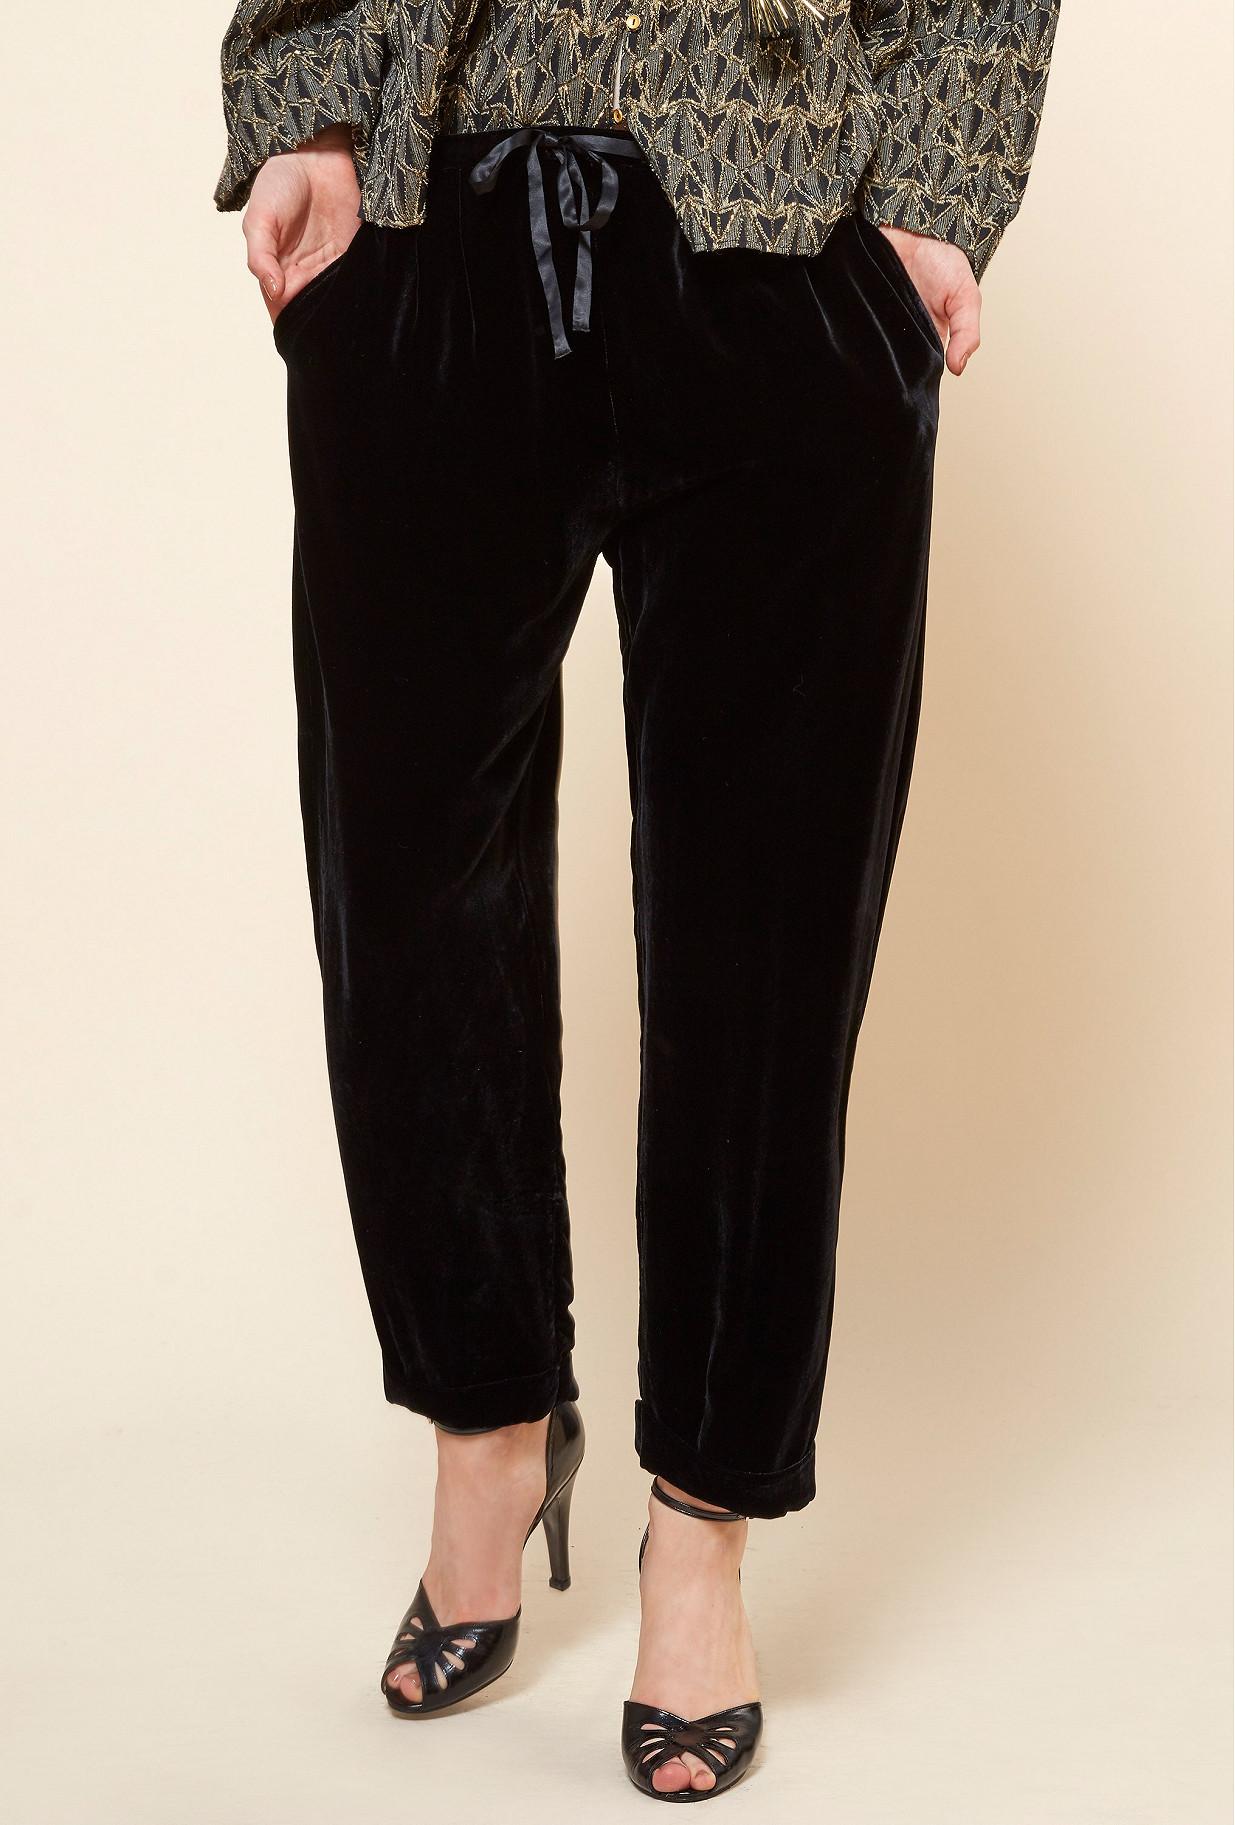 Black  PANT  Milo Mes demoiselles fashion clothes designer Paris